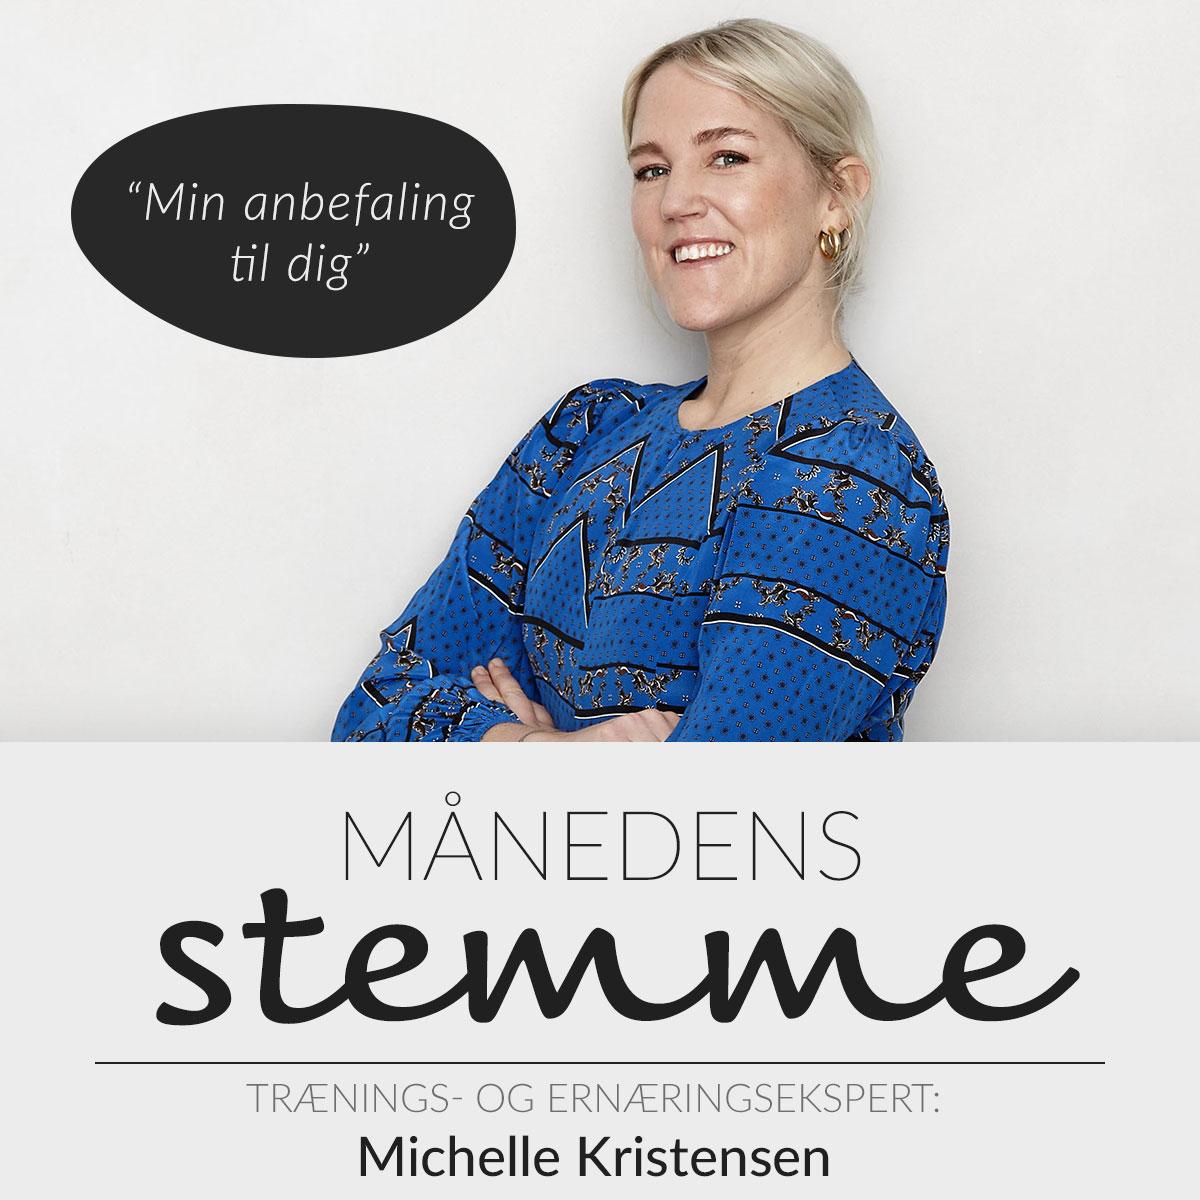 Michelle Kristensen anbefaler Offer 2117